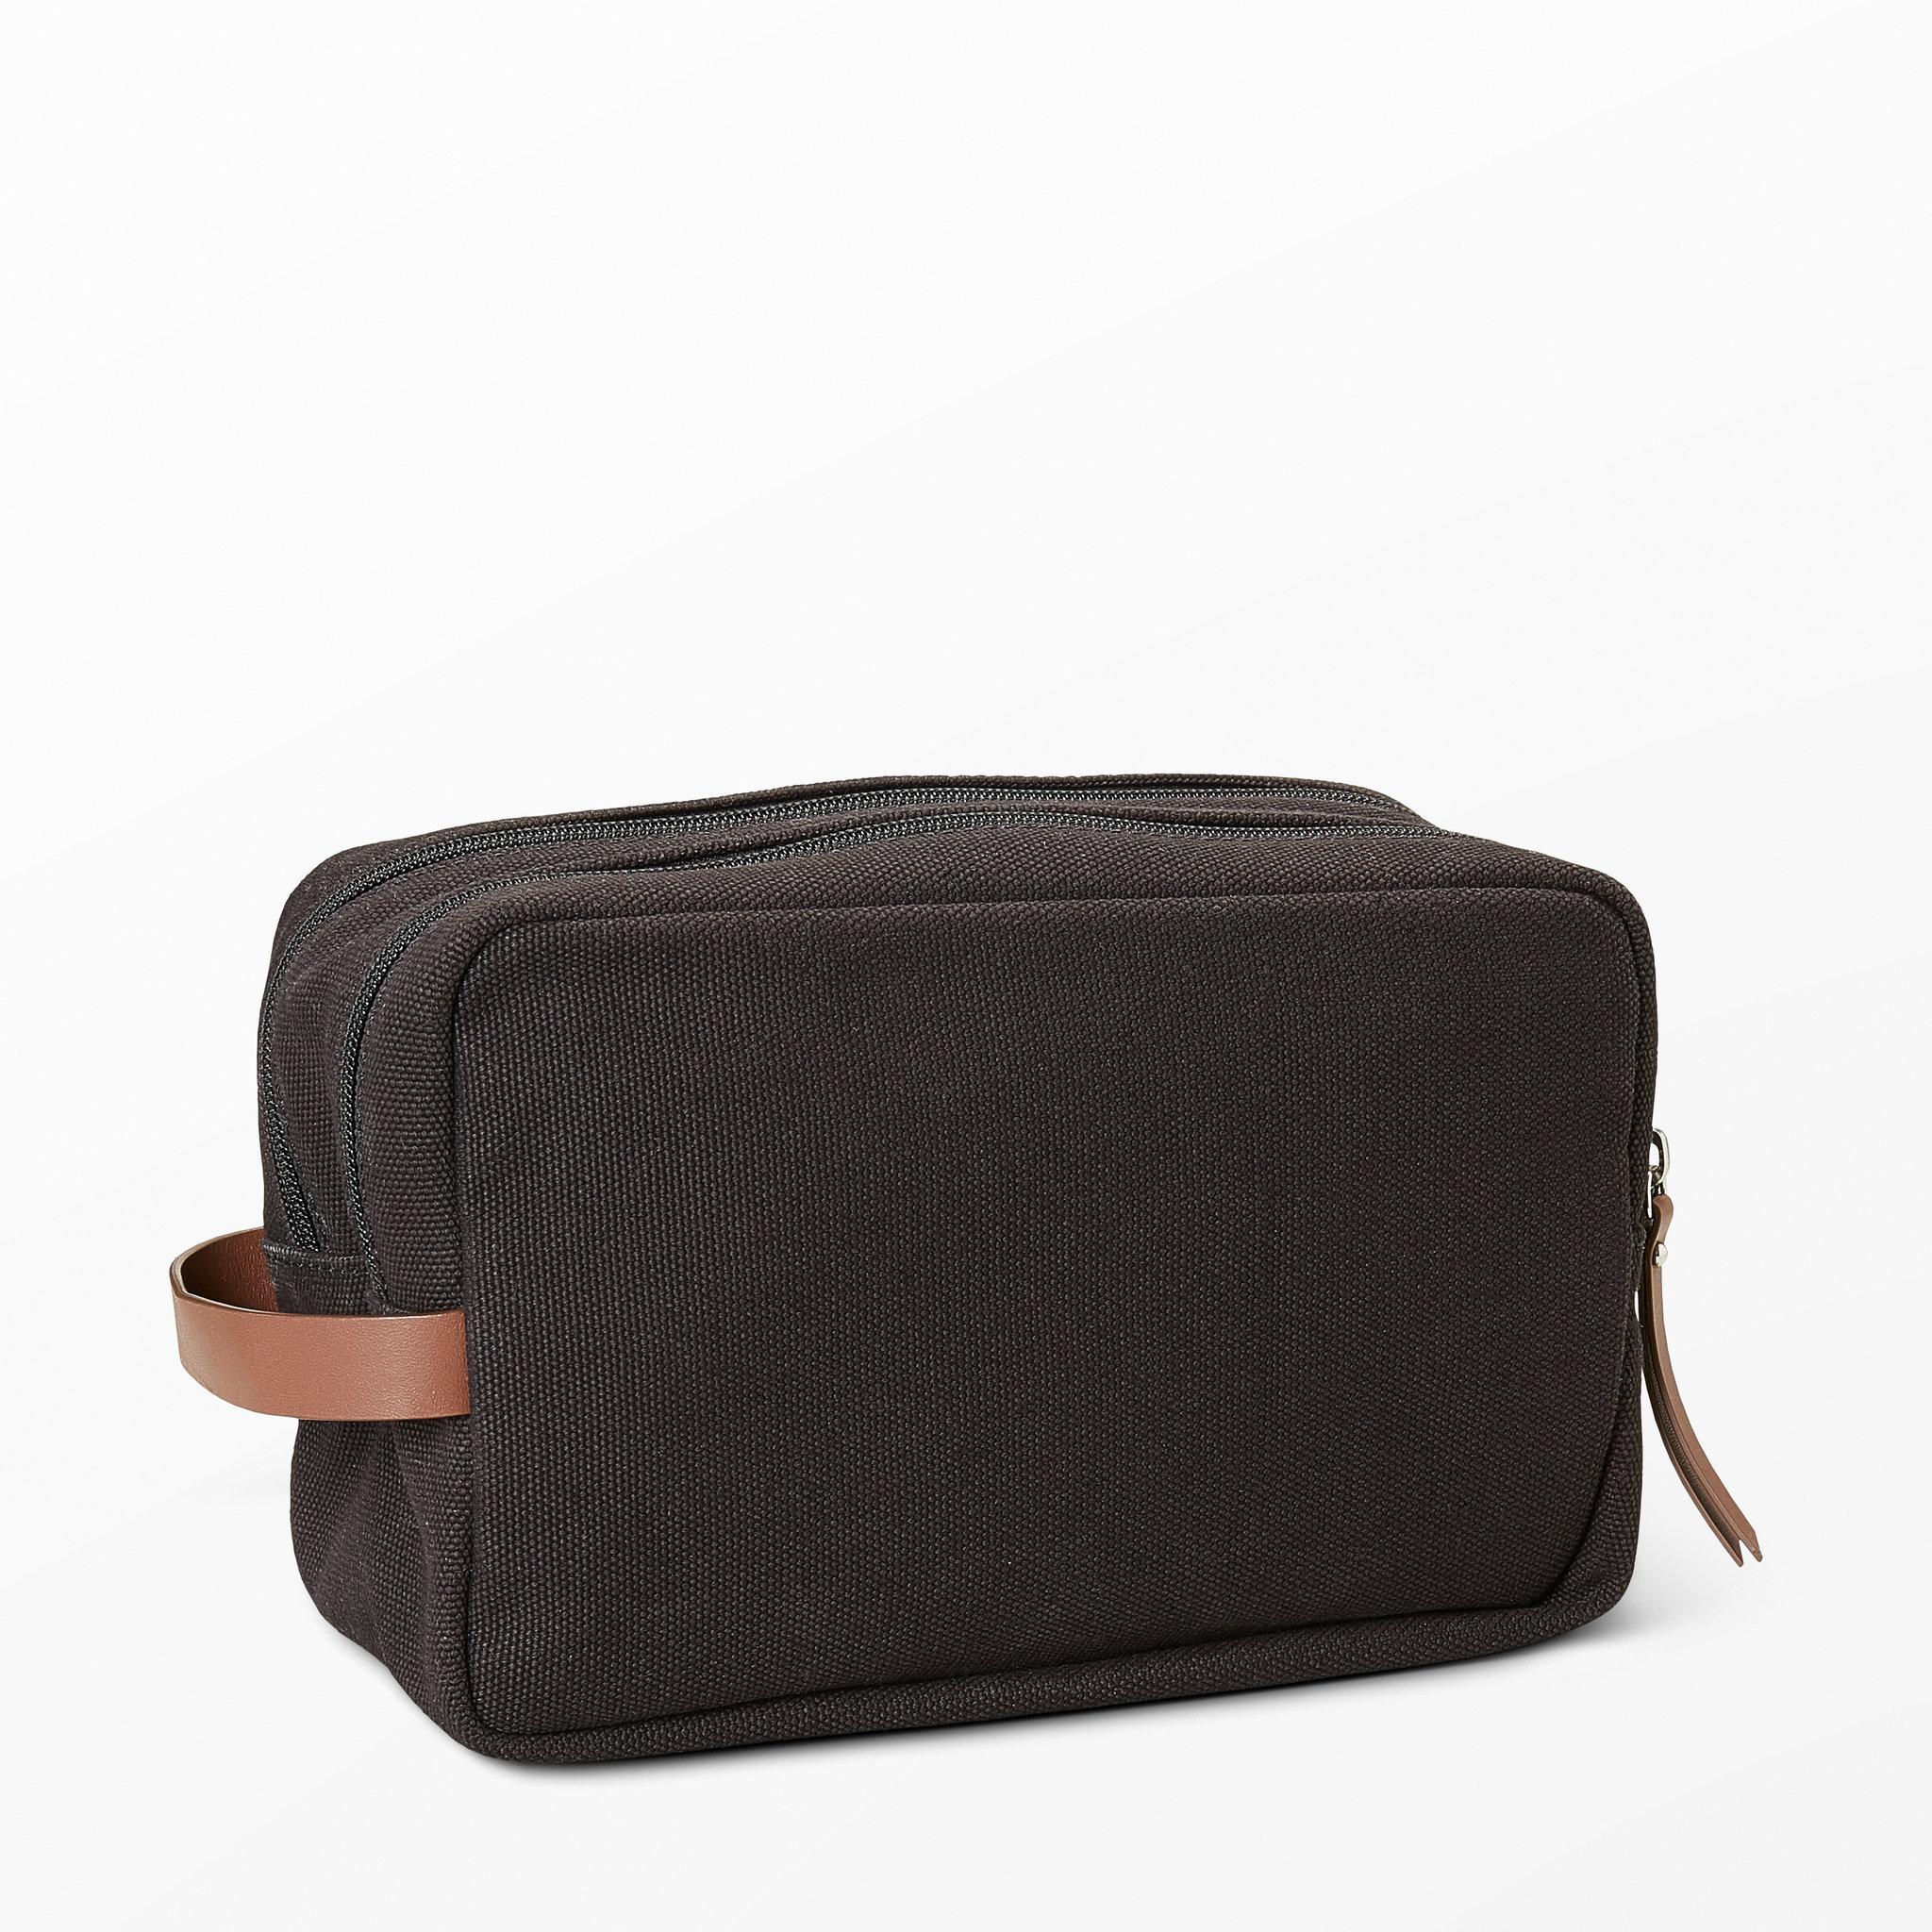 Necessär - Väskor   plånböcker - Köp online på åhlens.se! 8063a13e5e410